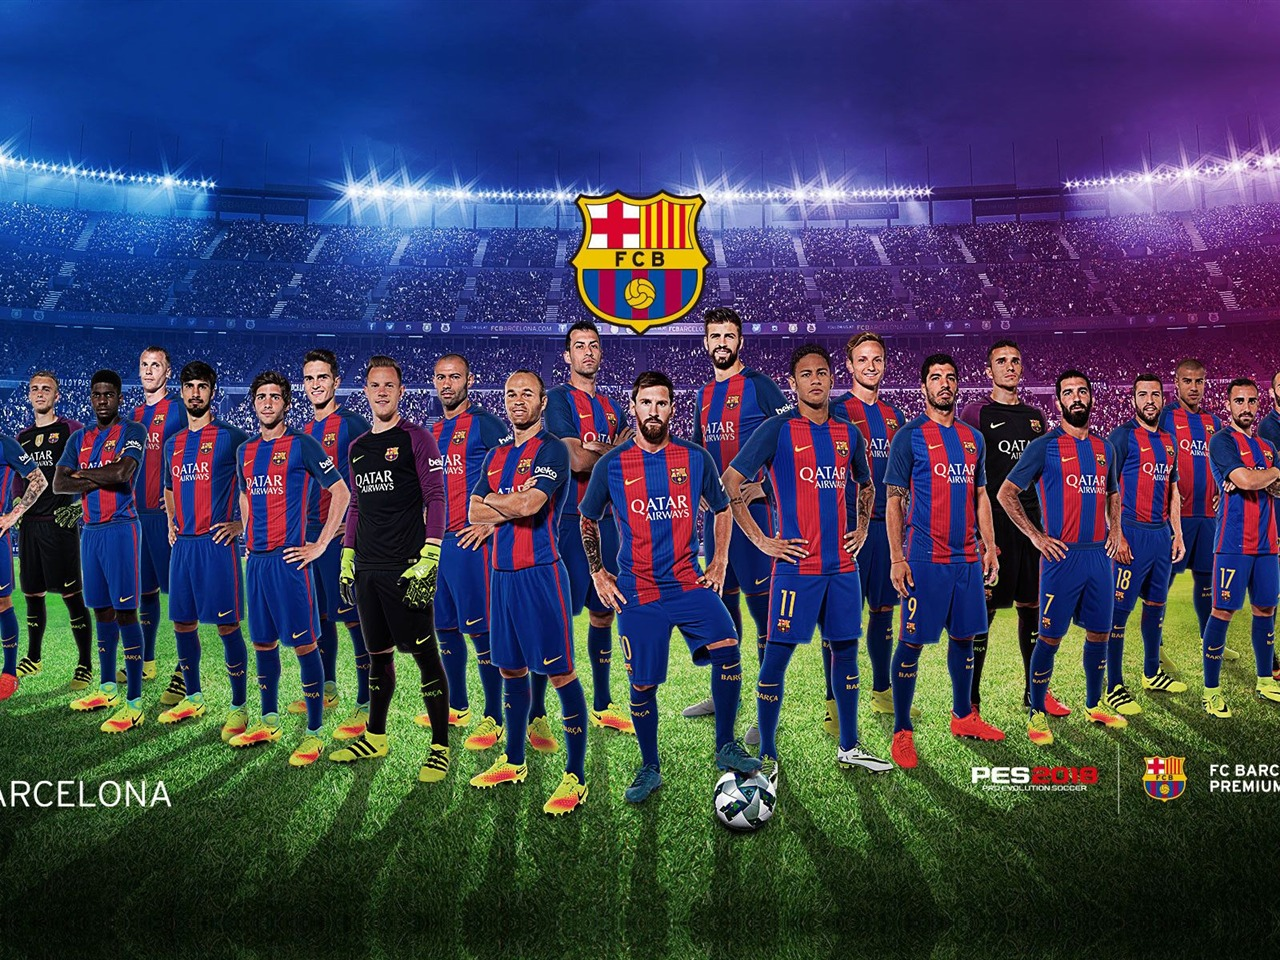 巴塞罗那美女壁纸_巴塞罗那足球俱乐部,团队,摄影,2019,海报预览 | 10wallpaper.com